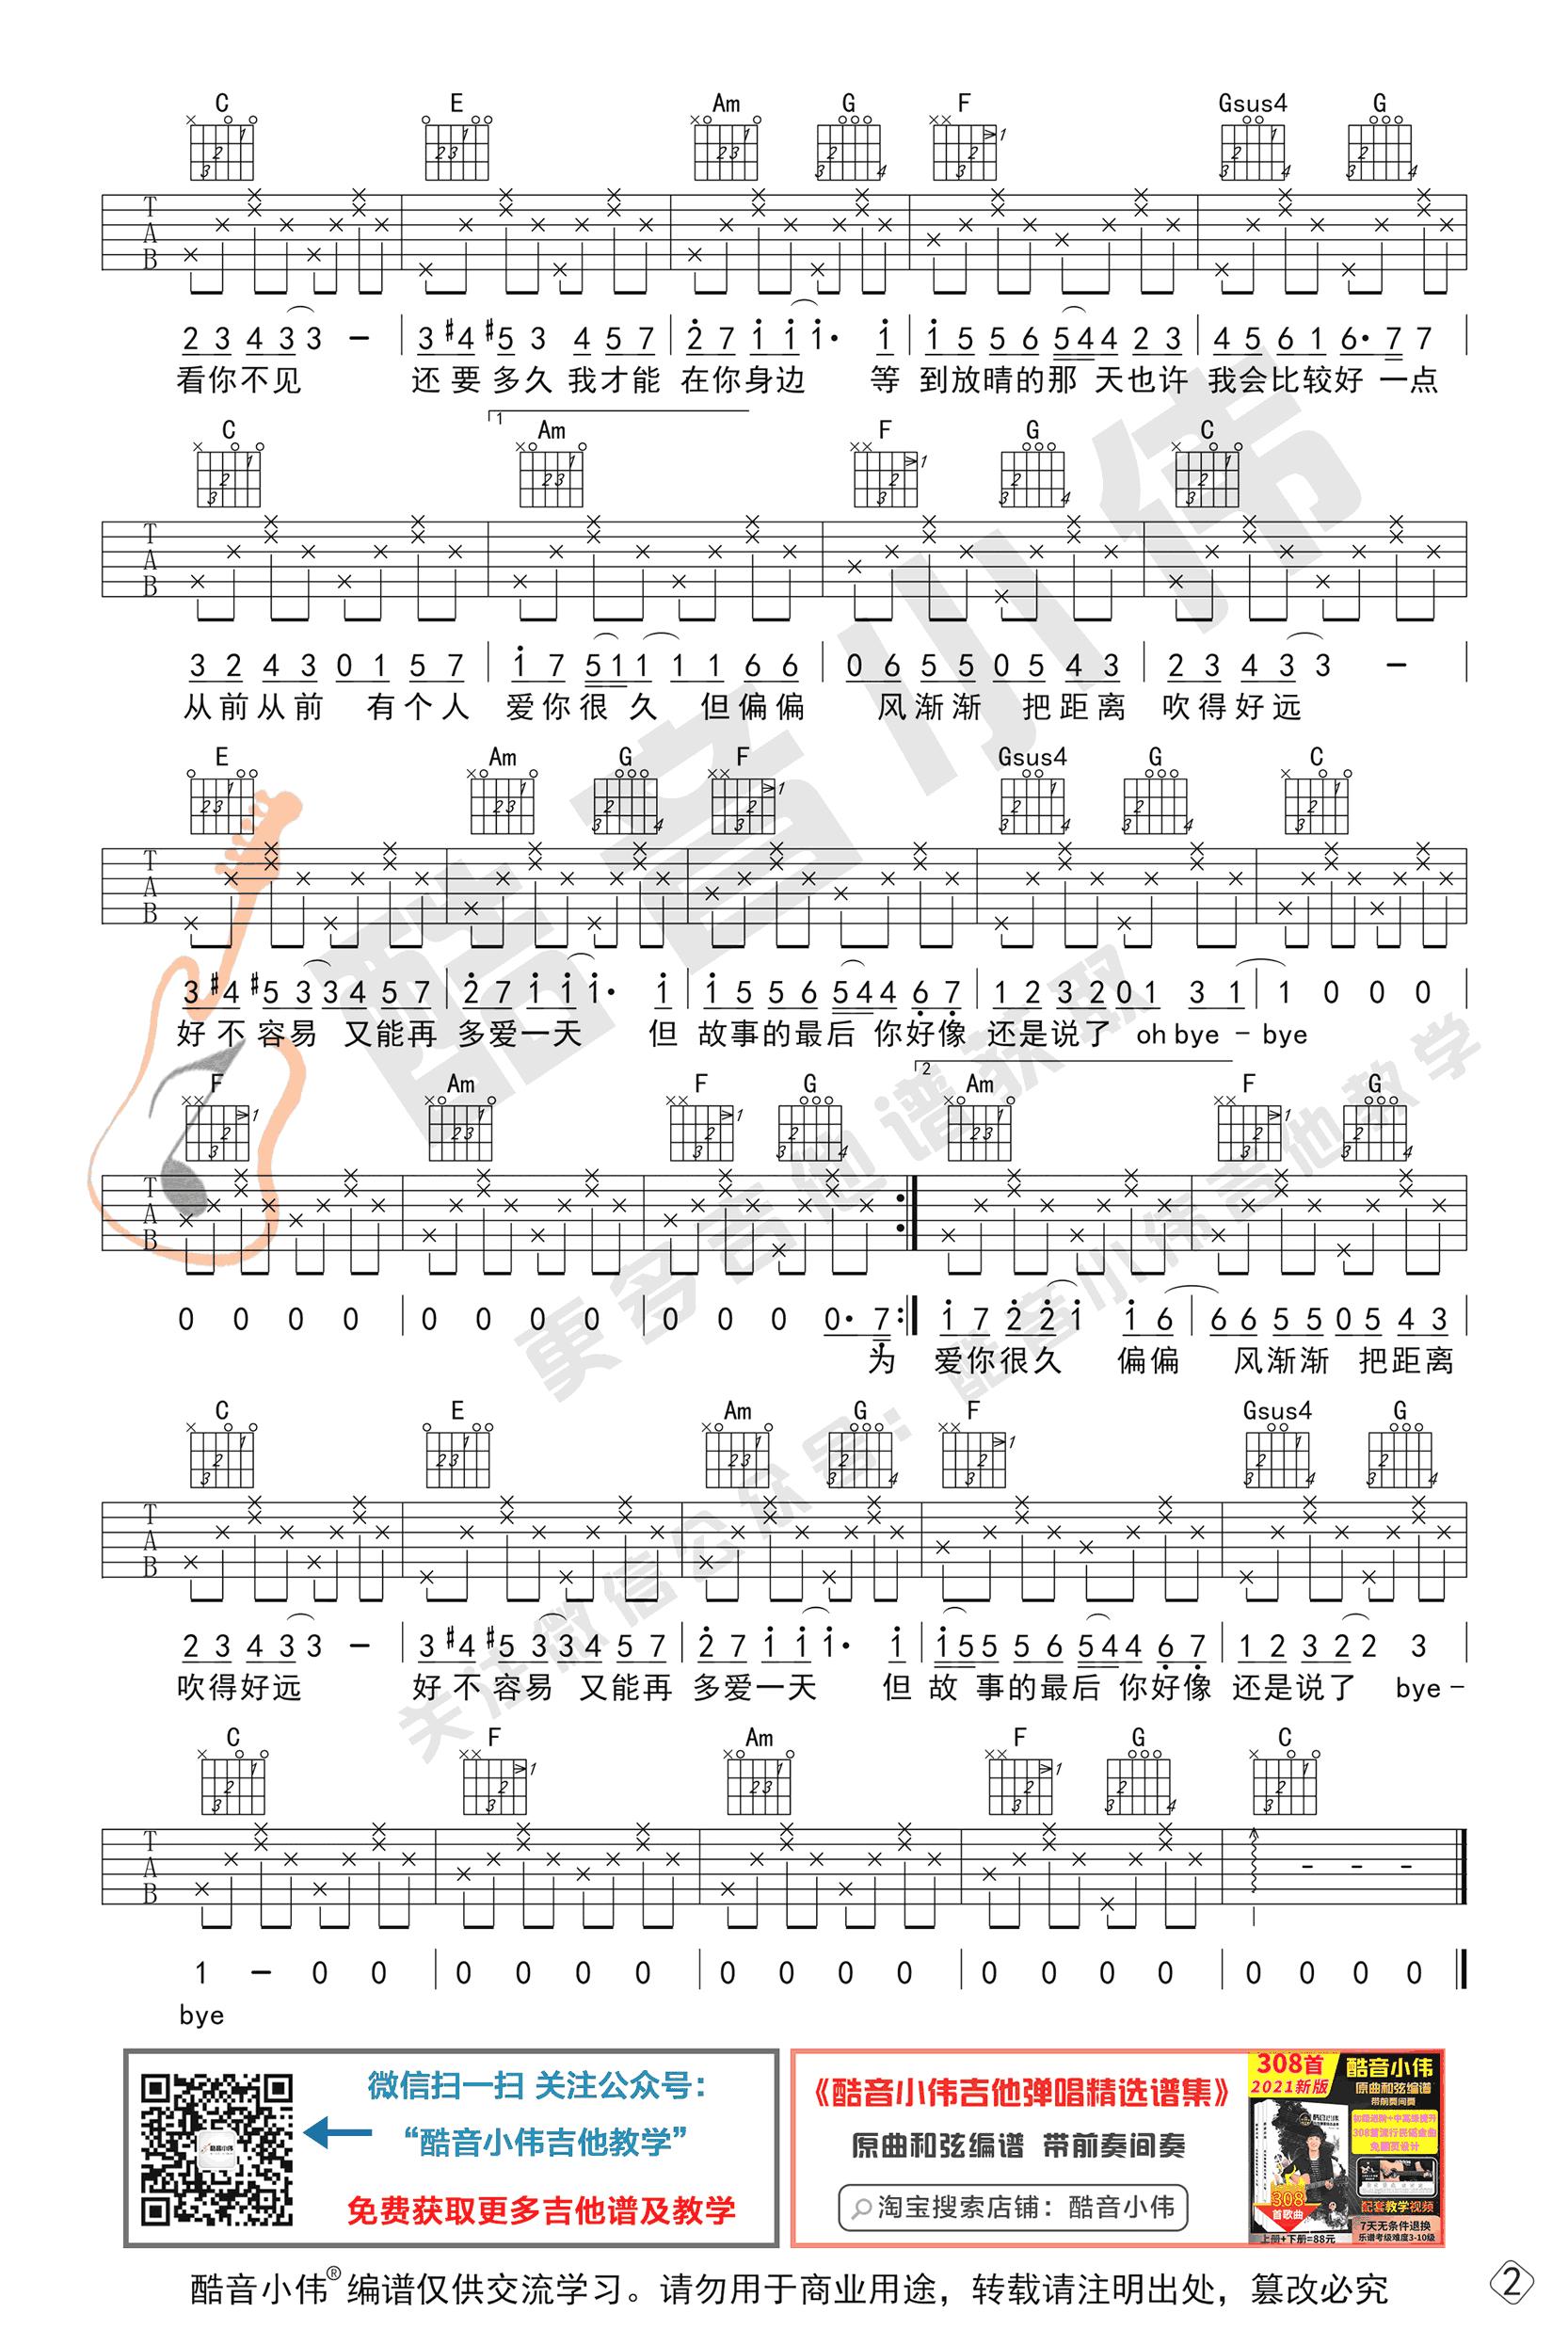 周杰伦晴天吉他谱 初级简单版-2